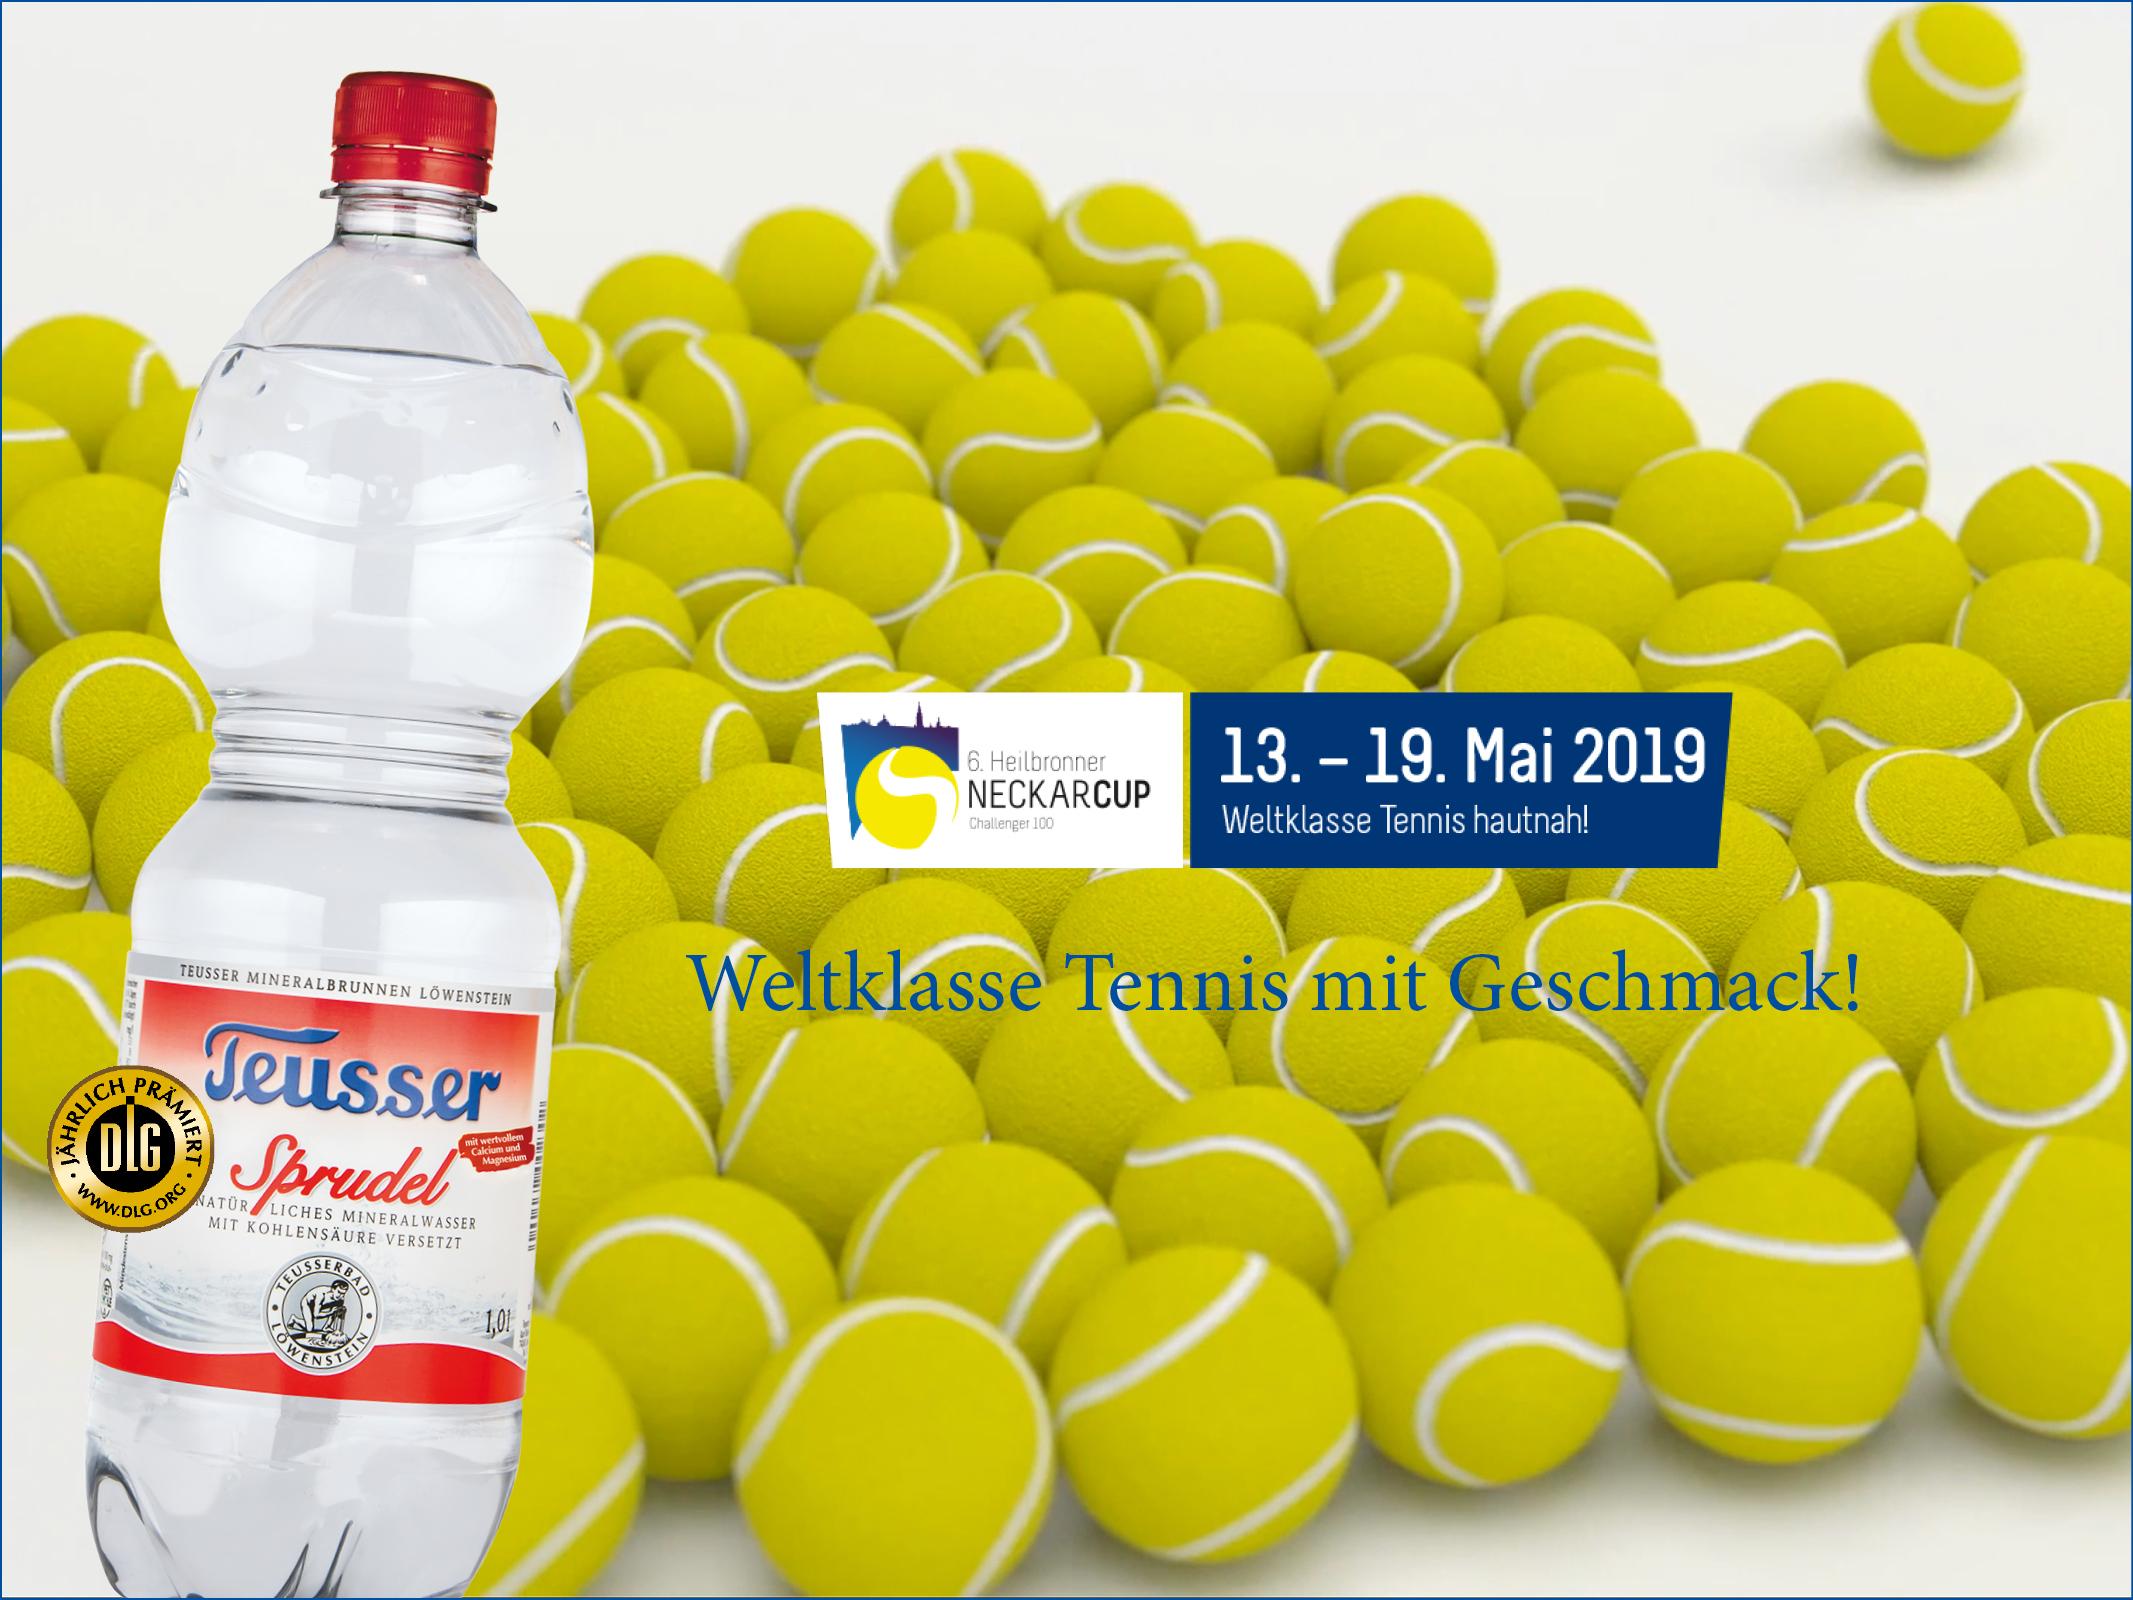 """""""TEUSSER und Heilbronner NECKARCUP – weltklasse Tennis mit Geschmack!"""